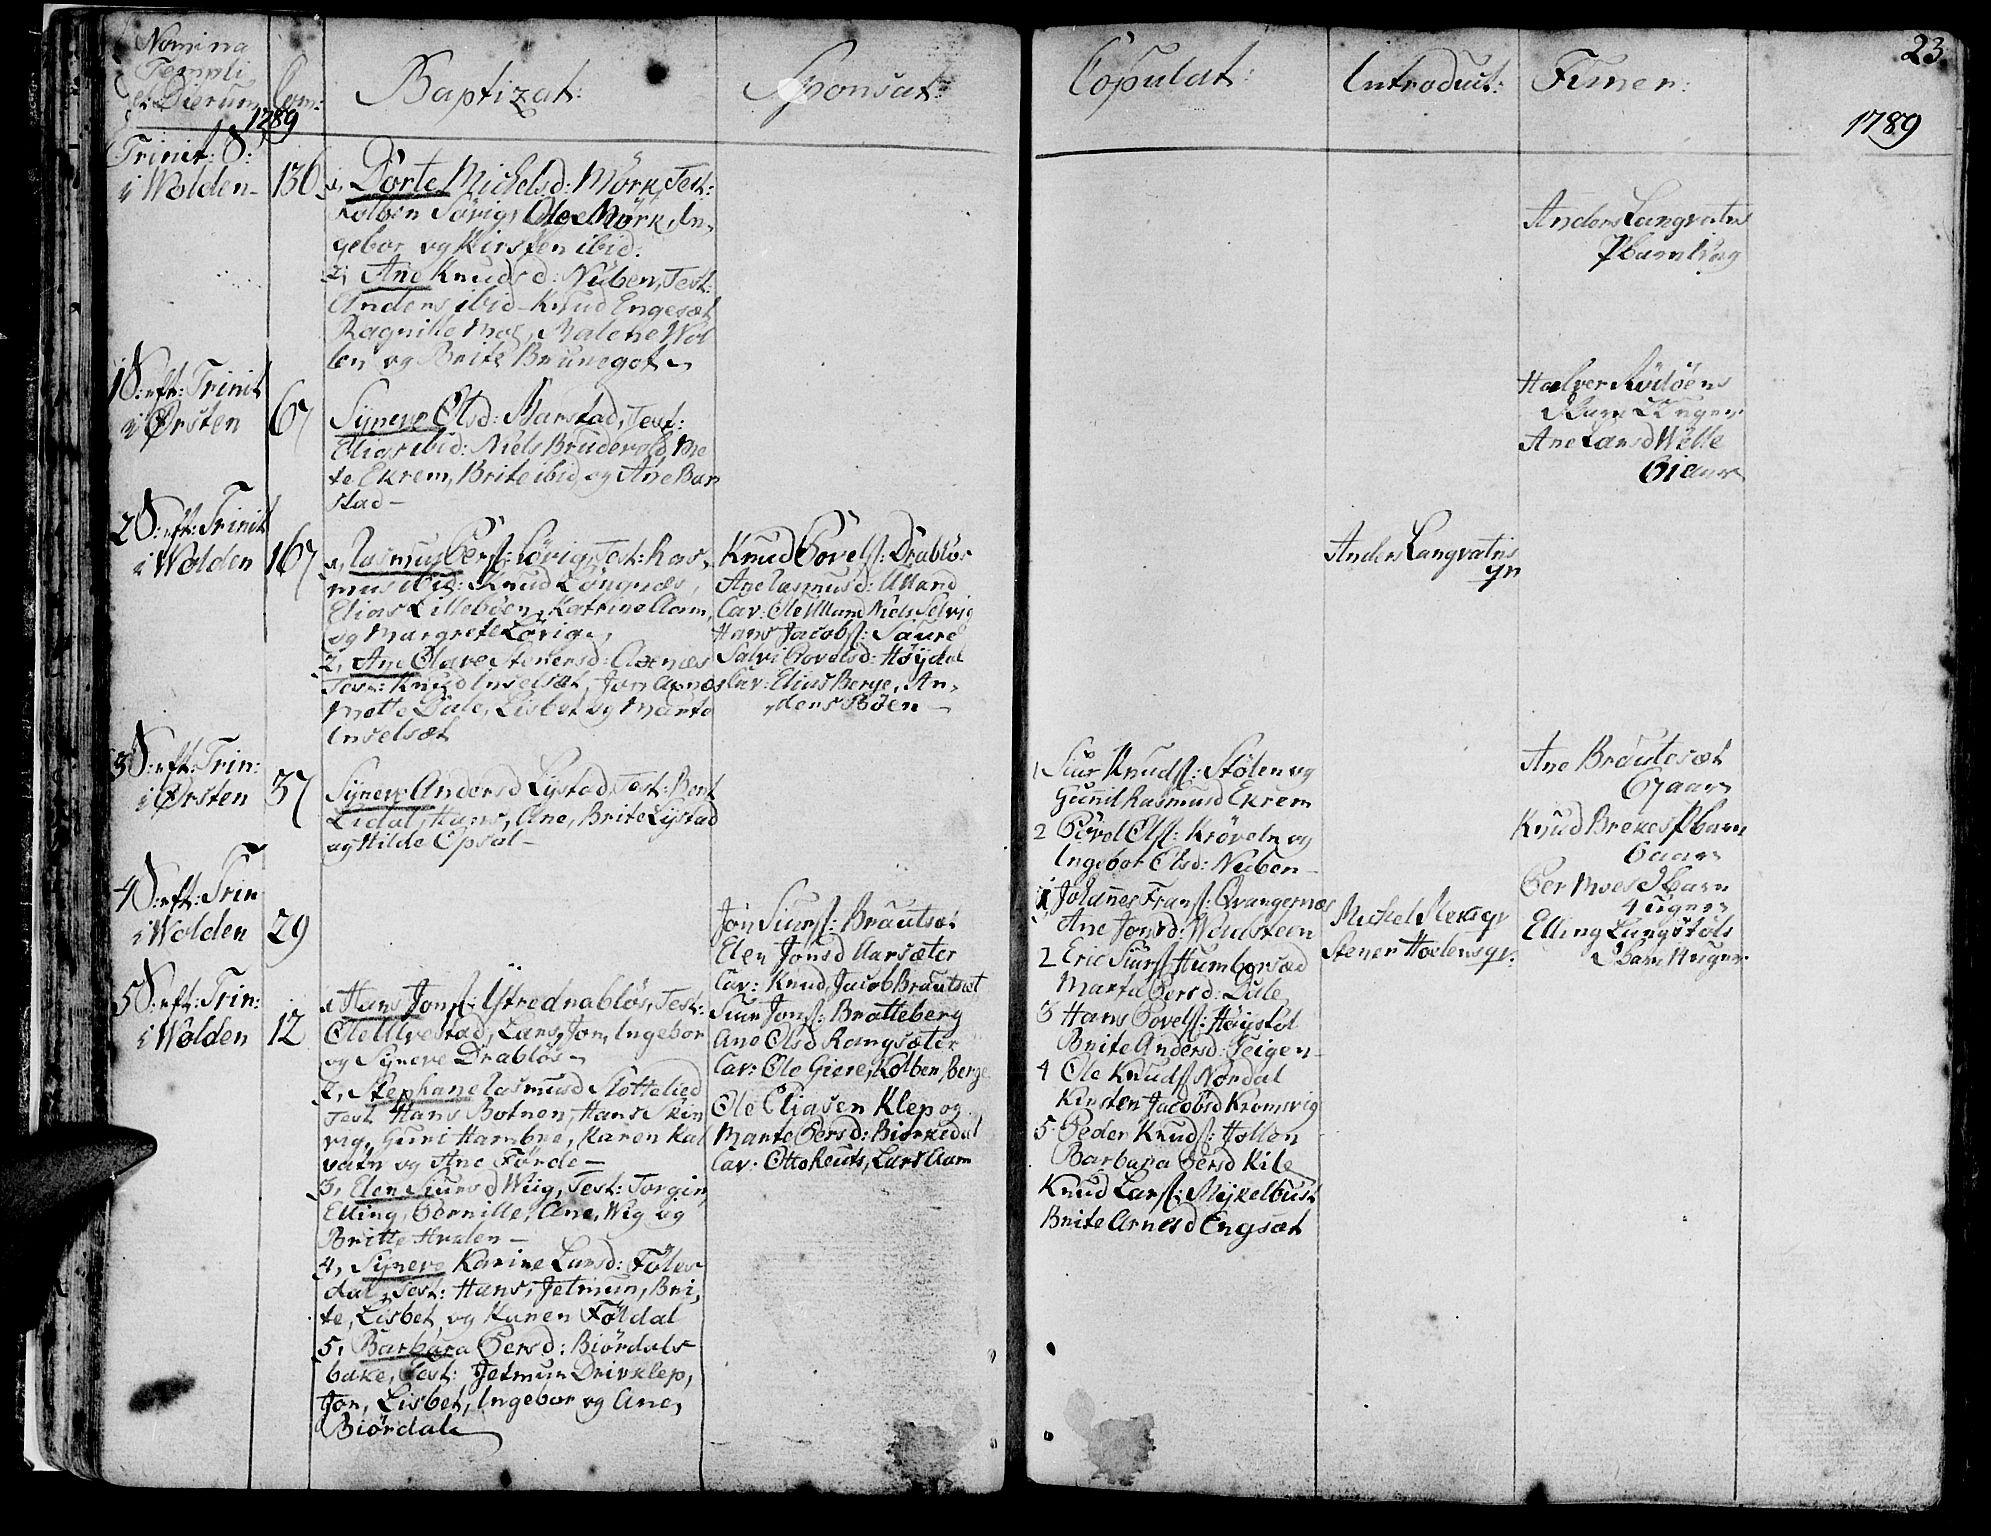 SAT, Ministerialprotokoller, klokkerbøker og fødselsregistre - Møre og Romsdal, 511/L0137: Ministerialbok nr. 511A04, 1787-1816, s. 23